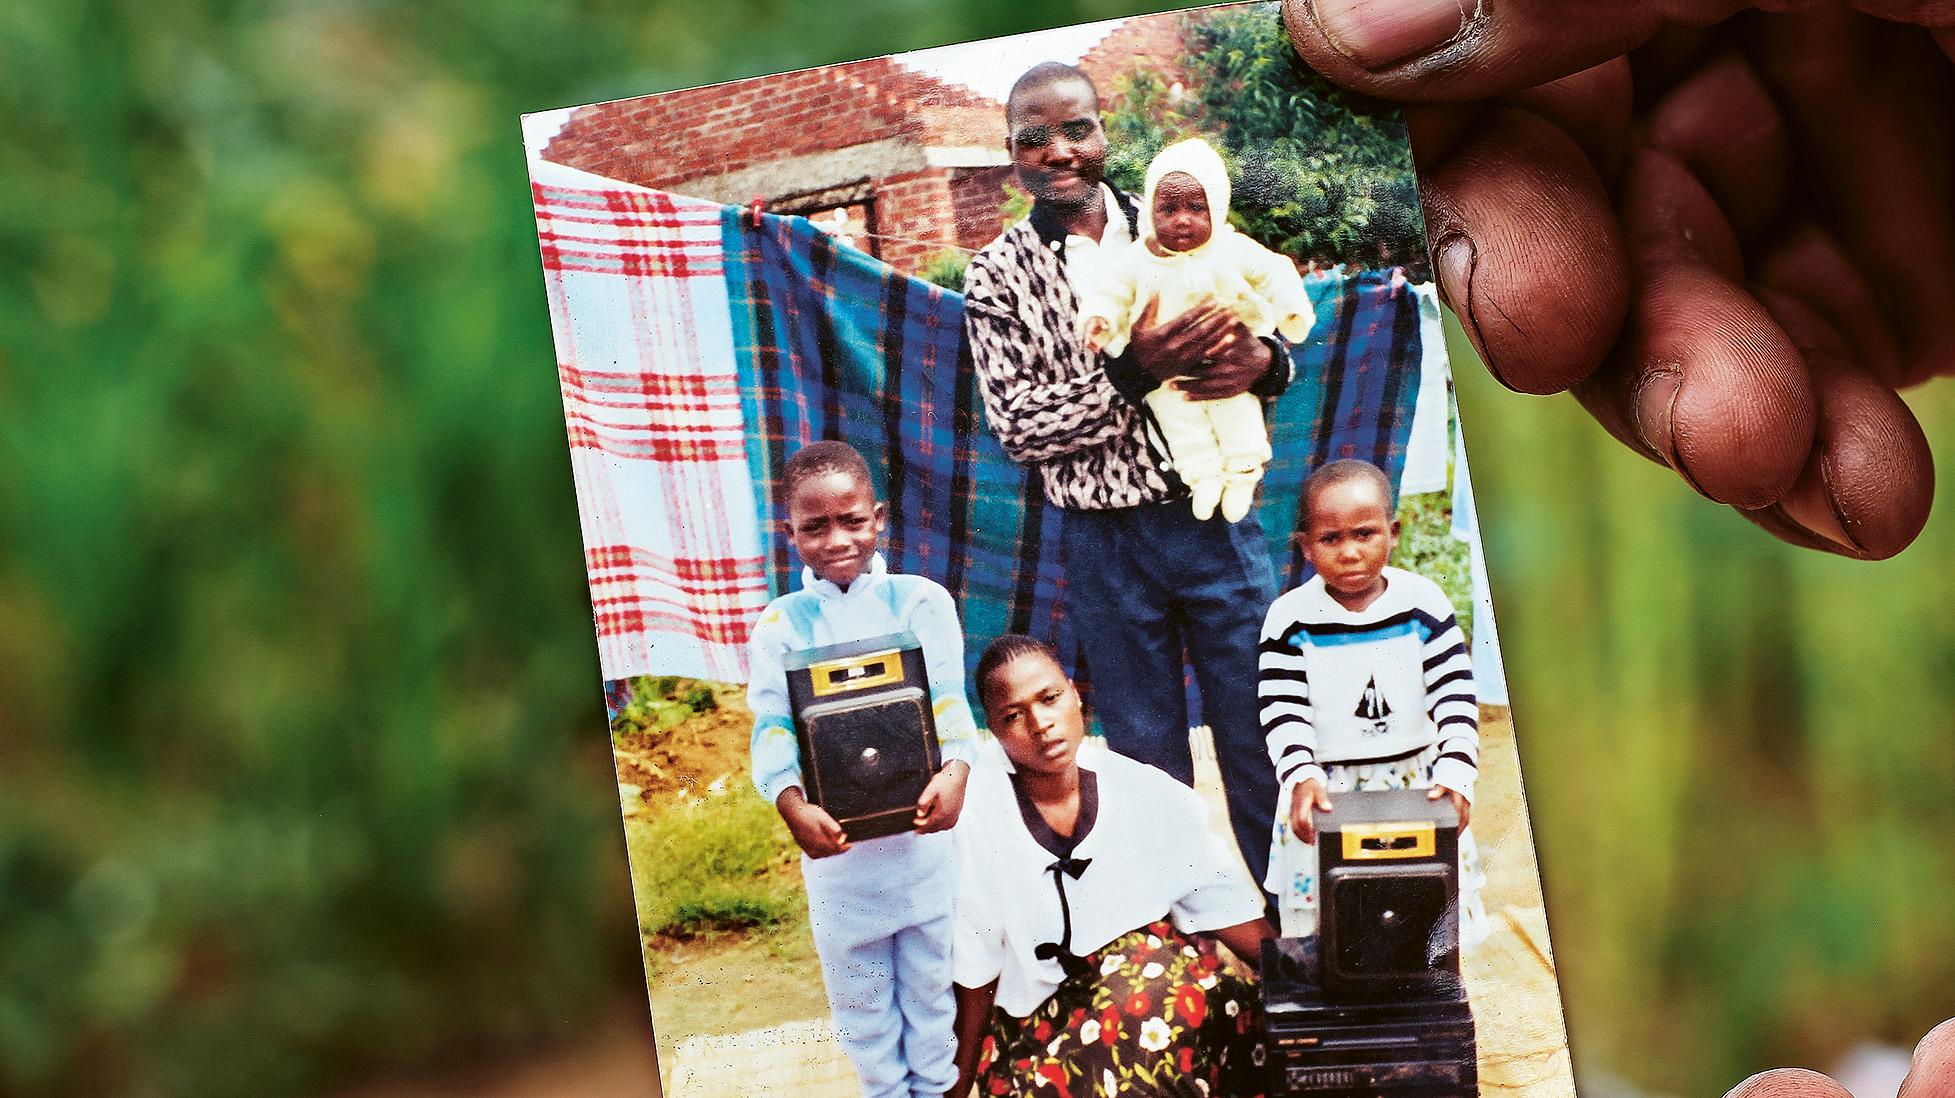 På familjefotot är Alliance längst till höger. Bild: Kombo Chapfika.